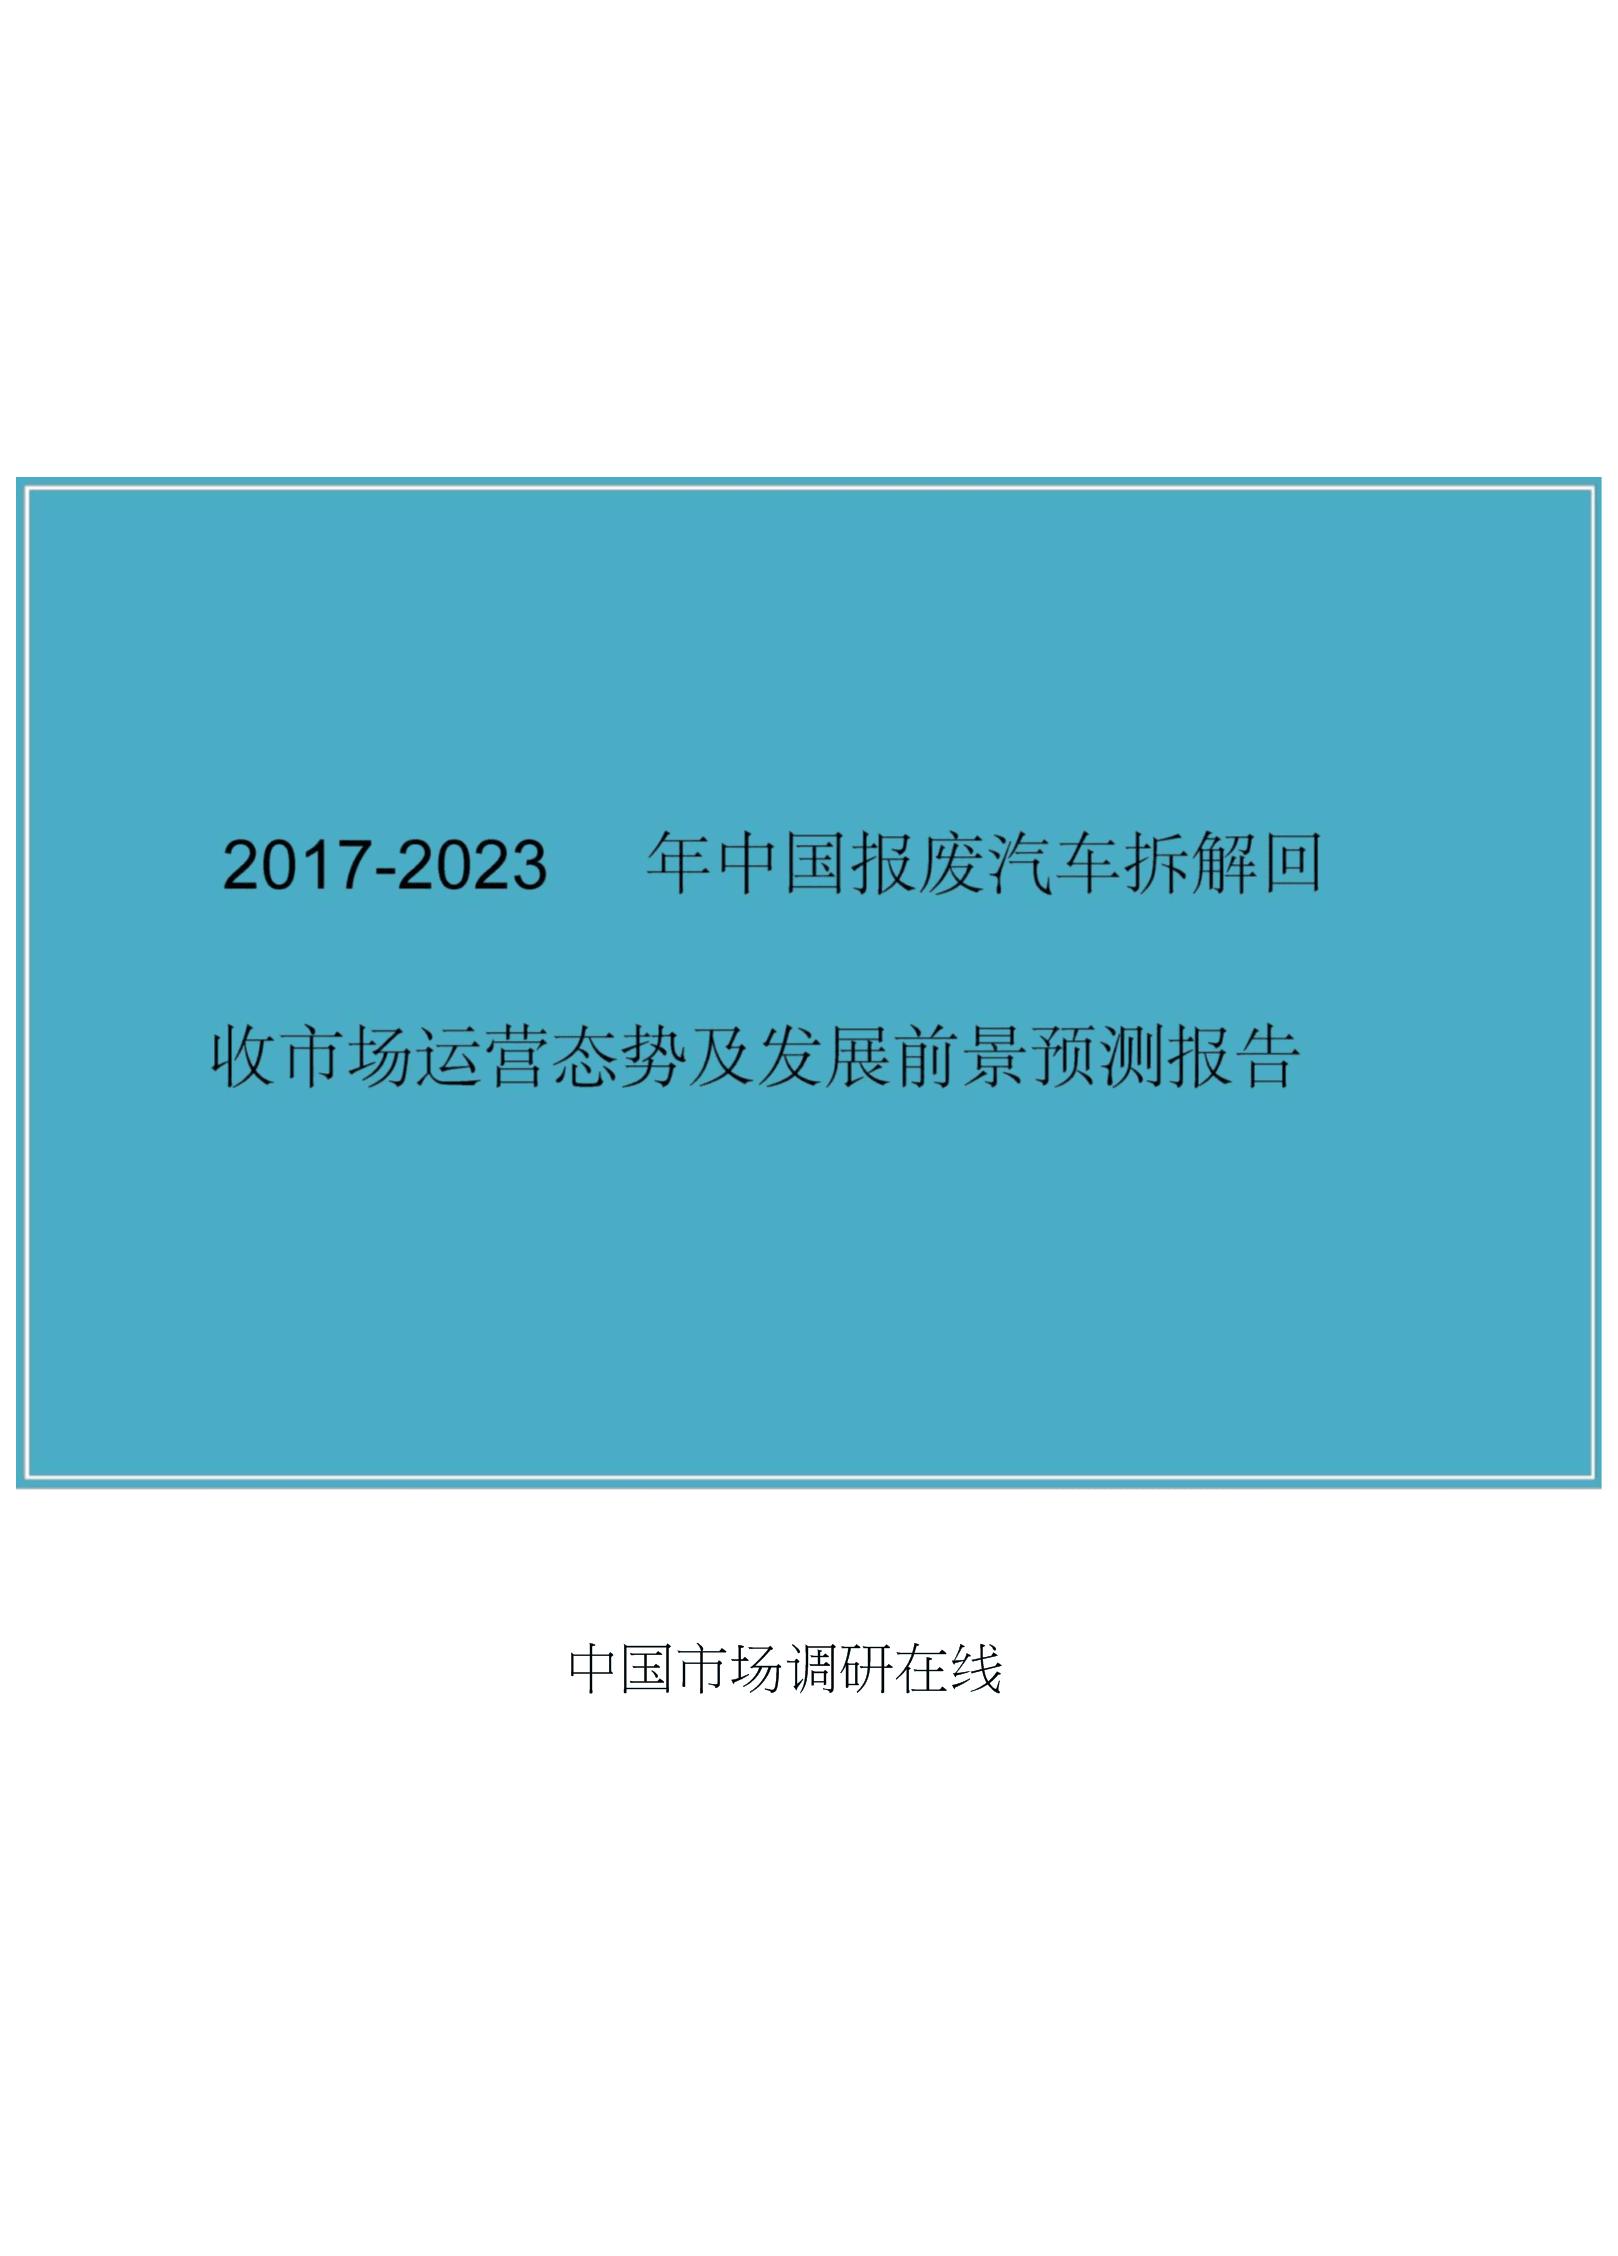 中国报废汽车拆解回收市场运营报告(20200920233410).docx